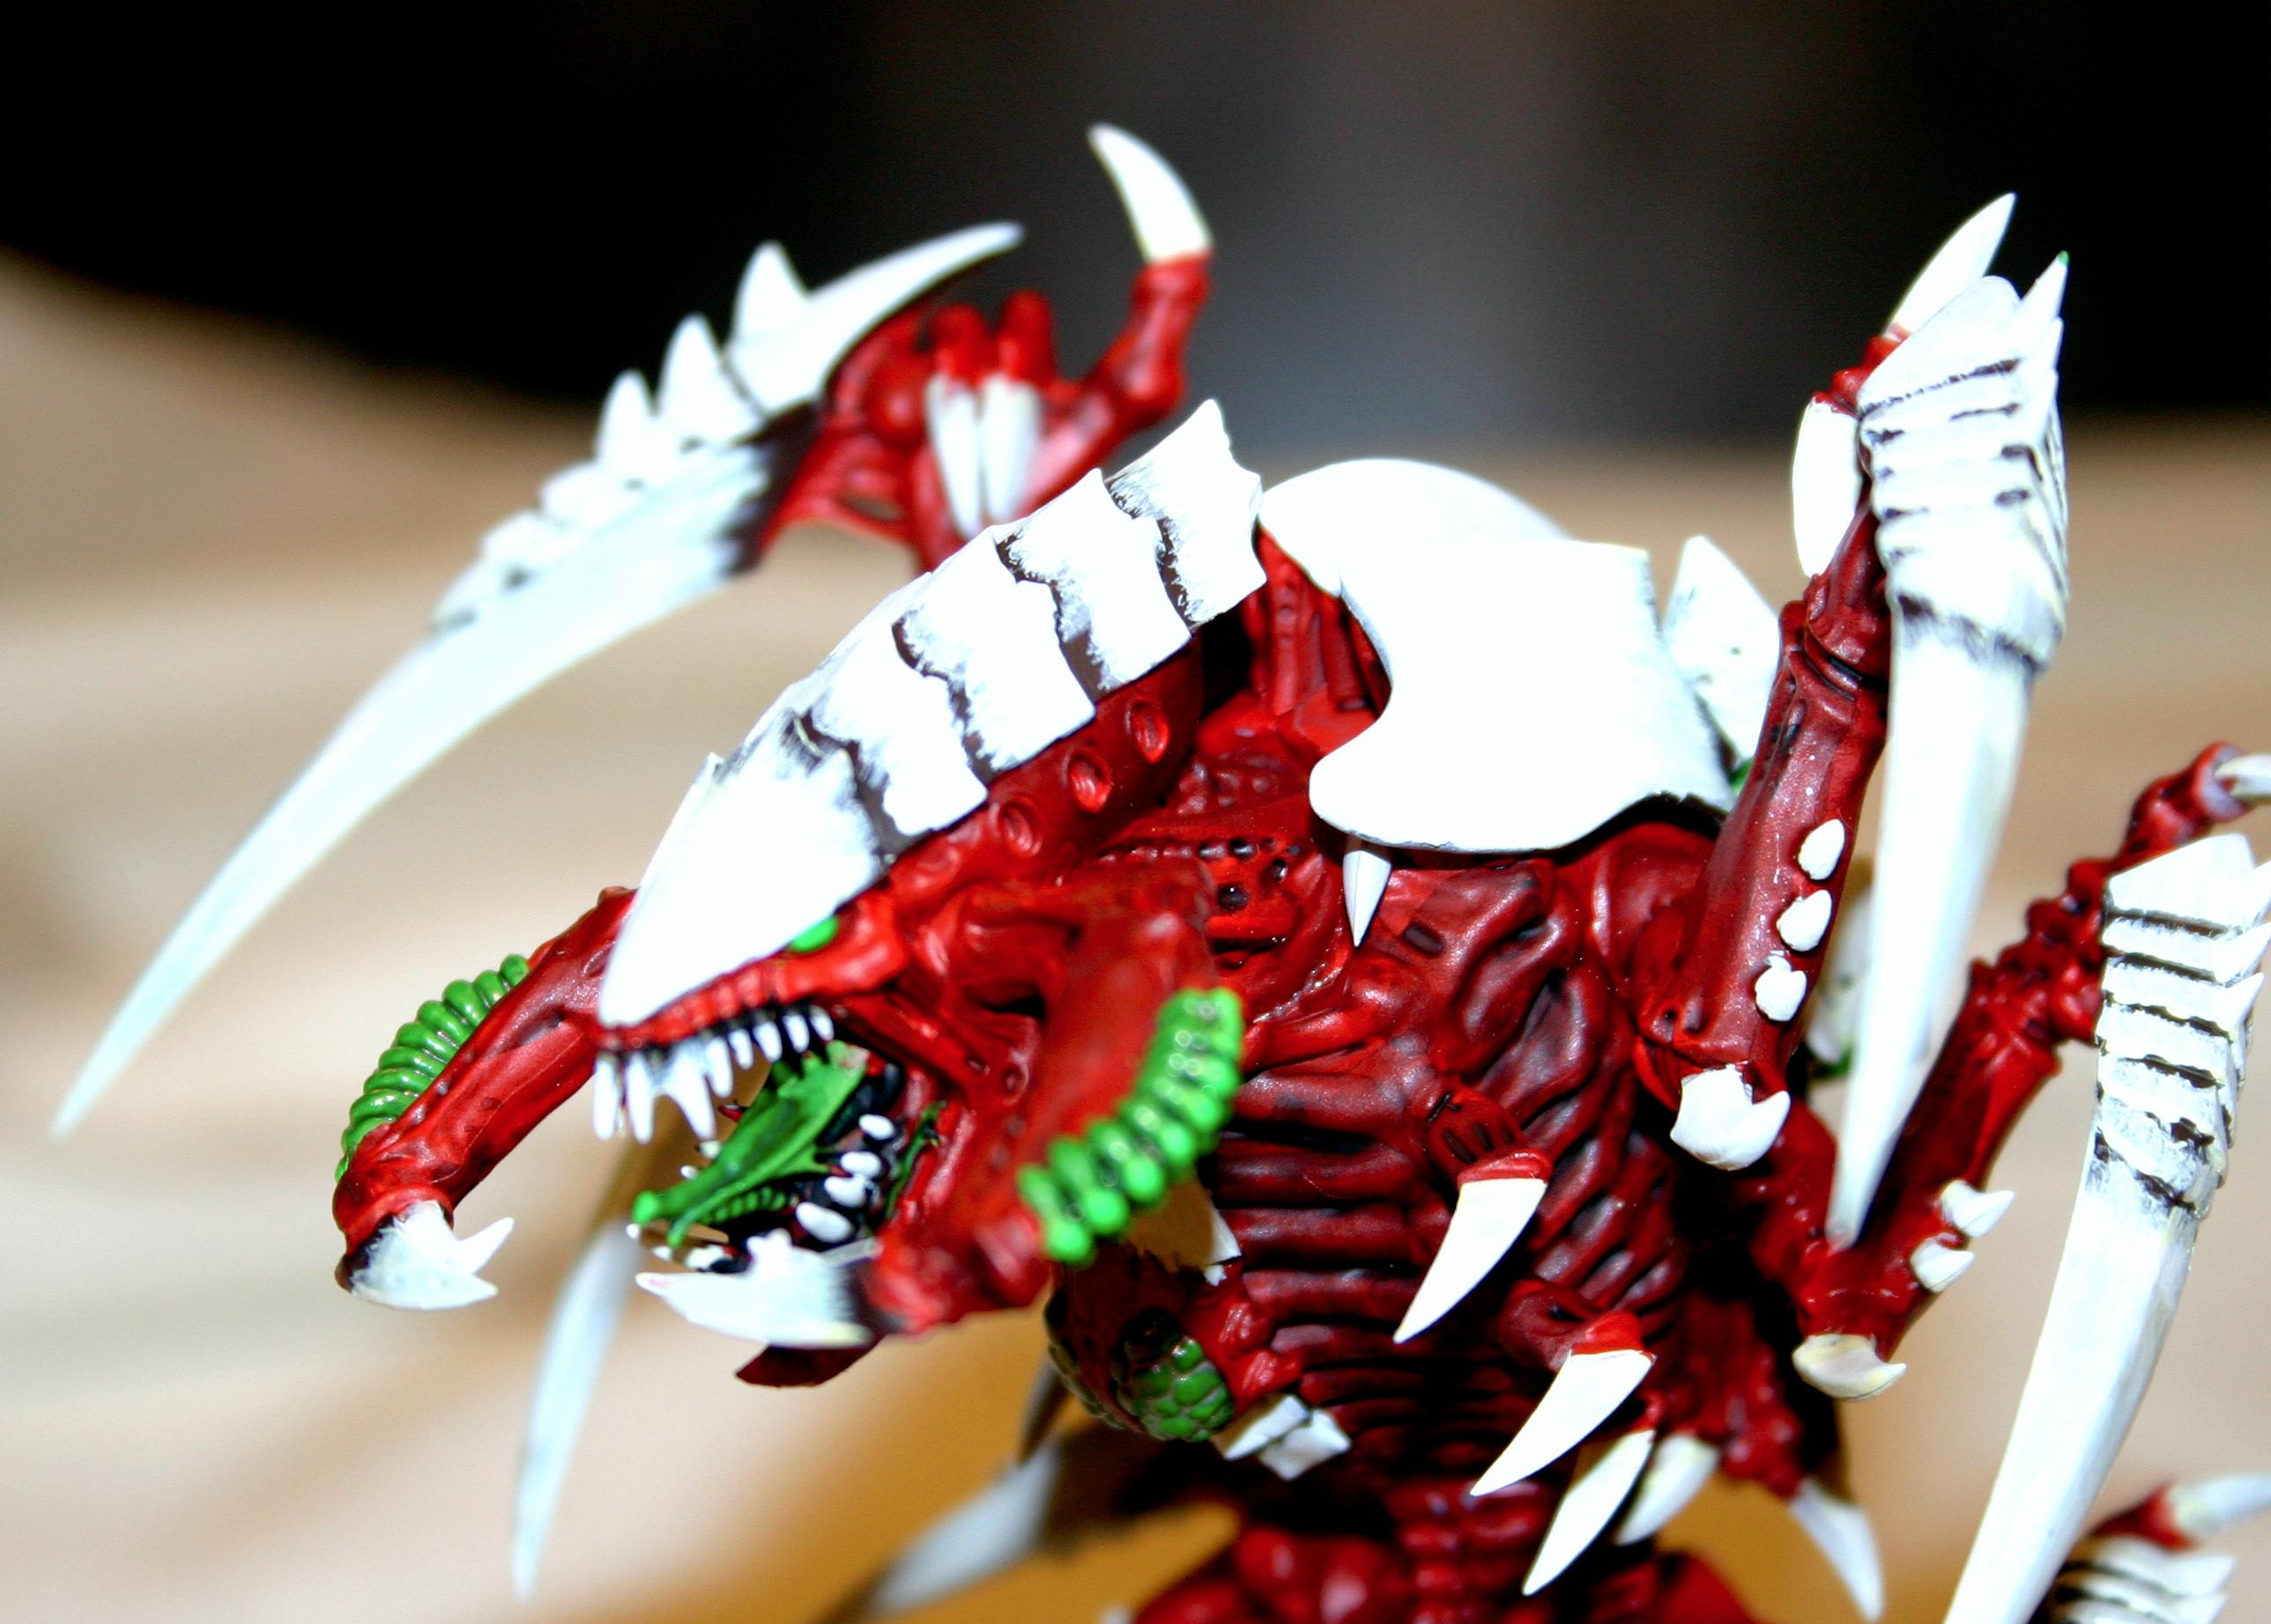 Nid, Tyranids, Trigon Prime